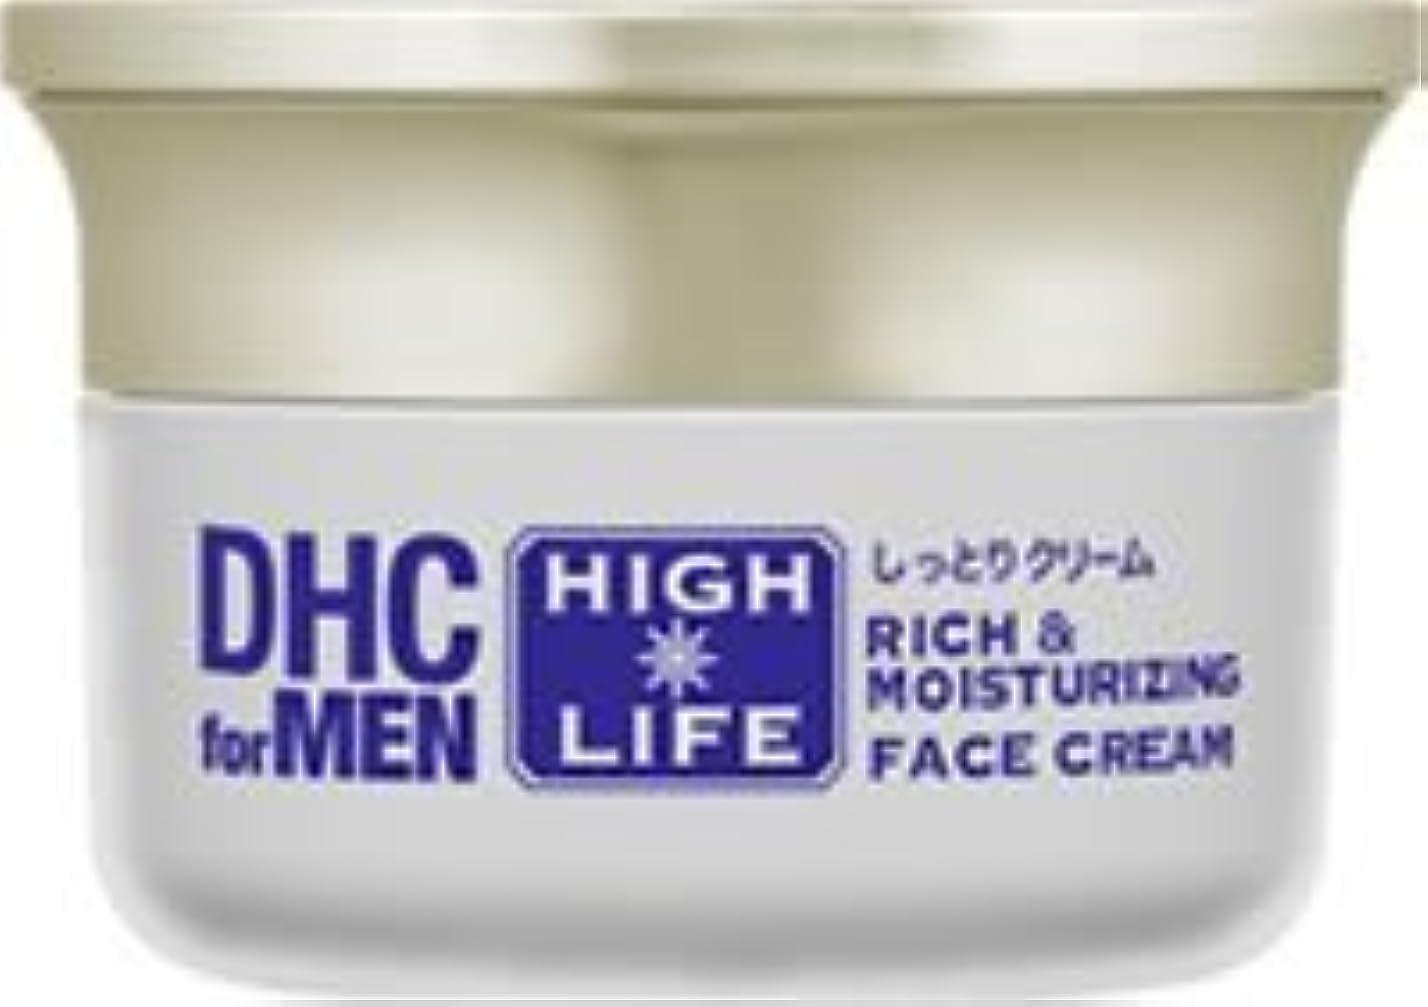 滑りやすい東治すDHCリッチ&モイスチュア フェースクリーム【DHC for MEN ハイライフ】